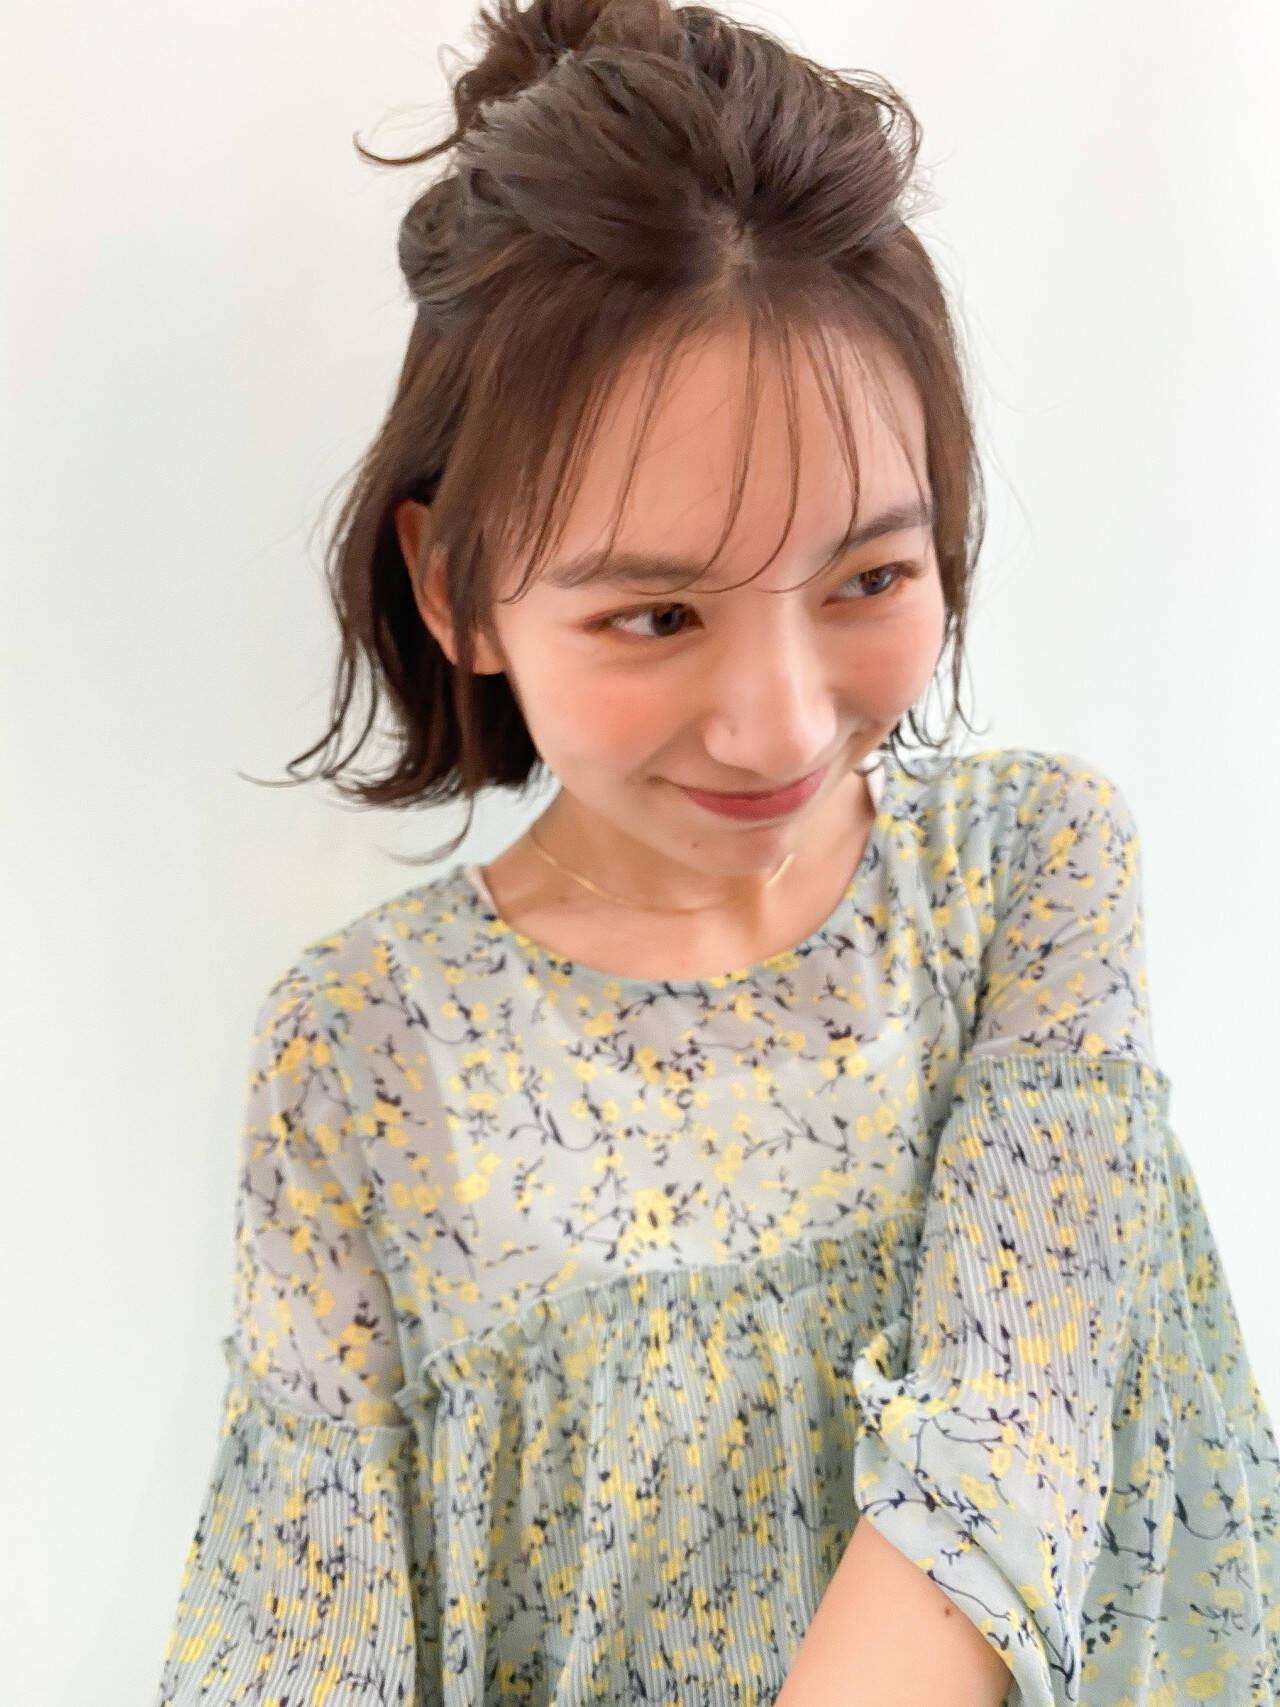 前髪×アレンジでマンネリを防止 タカトリミキ/ Neolive CiroL.  Neolive CiroL.